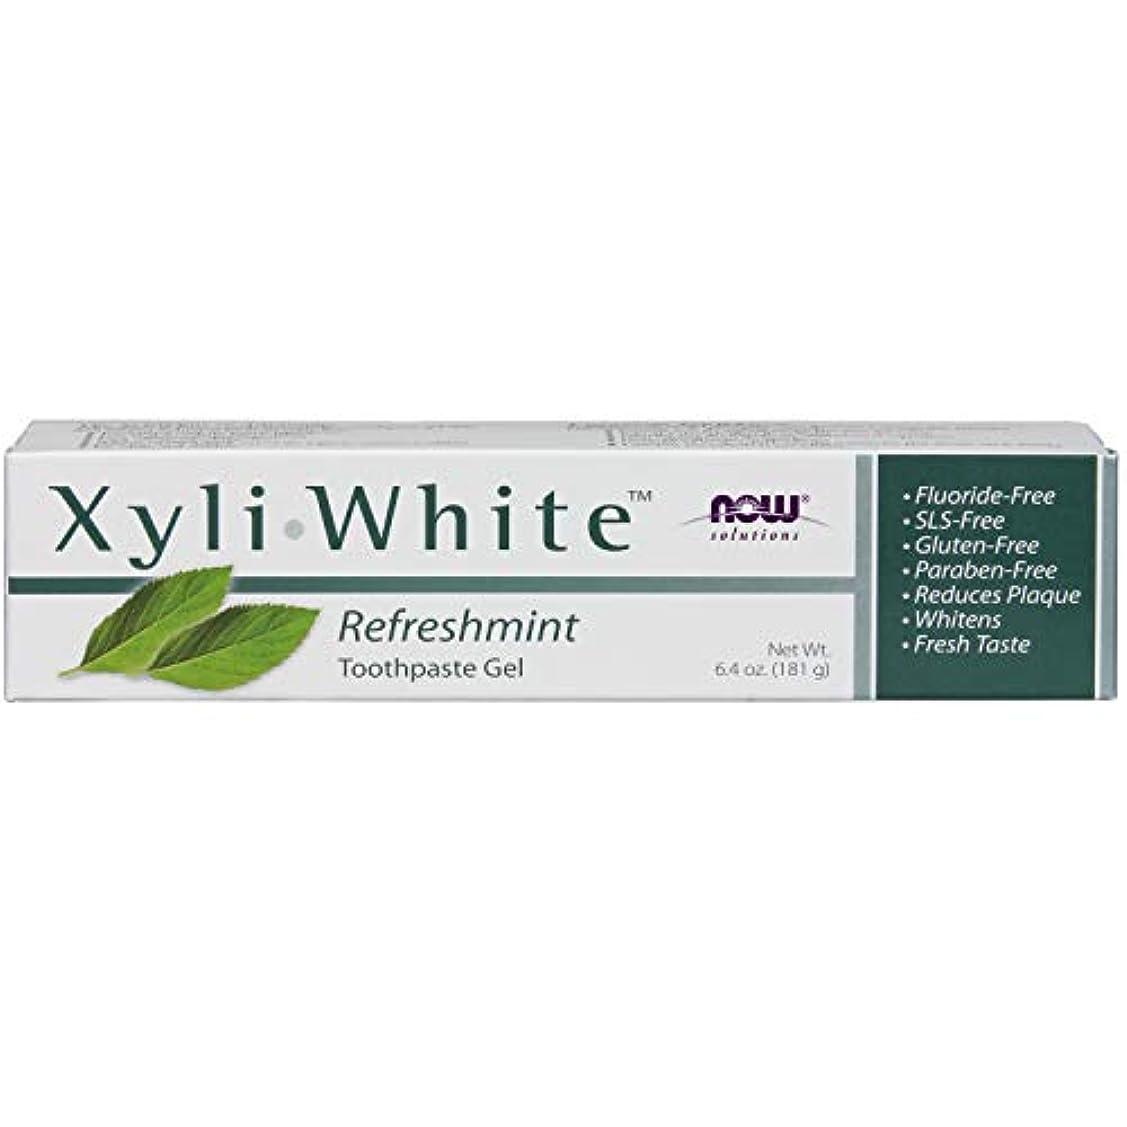 [海外直送品] ナウフーズ キシリホワイト リフレッシュミント歯磨きジェル 181g